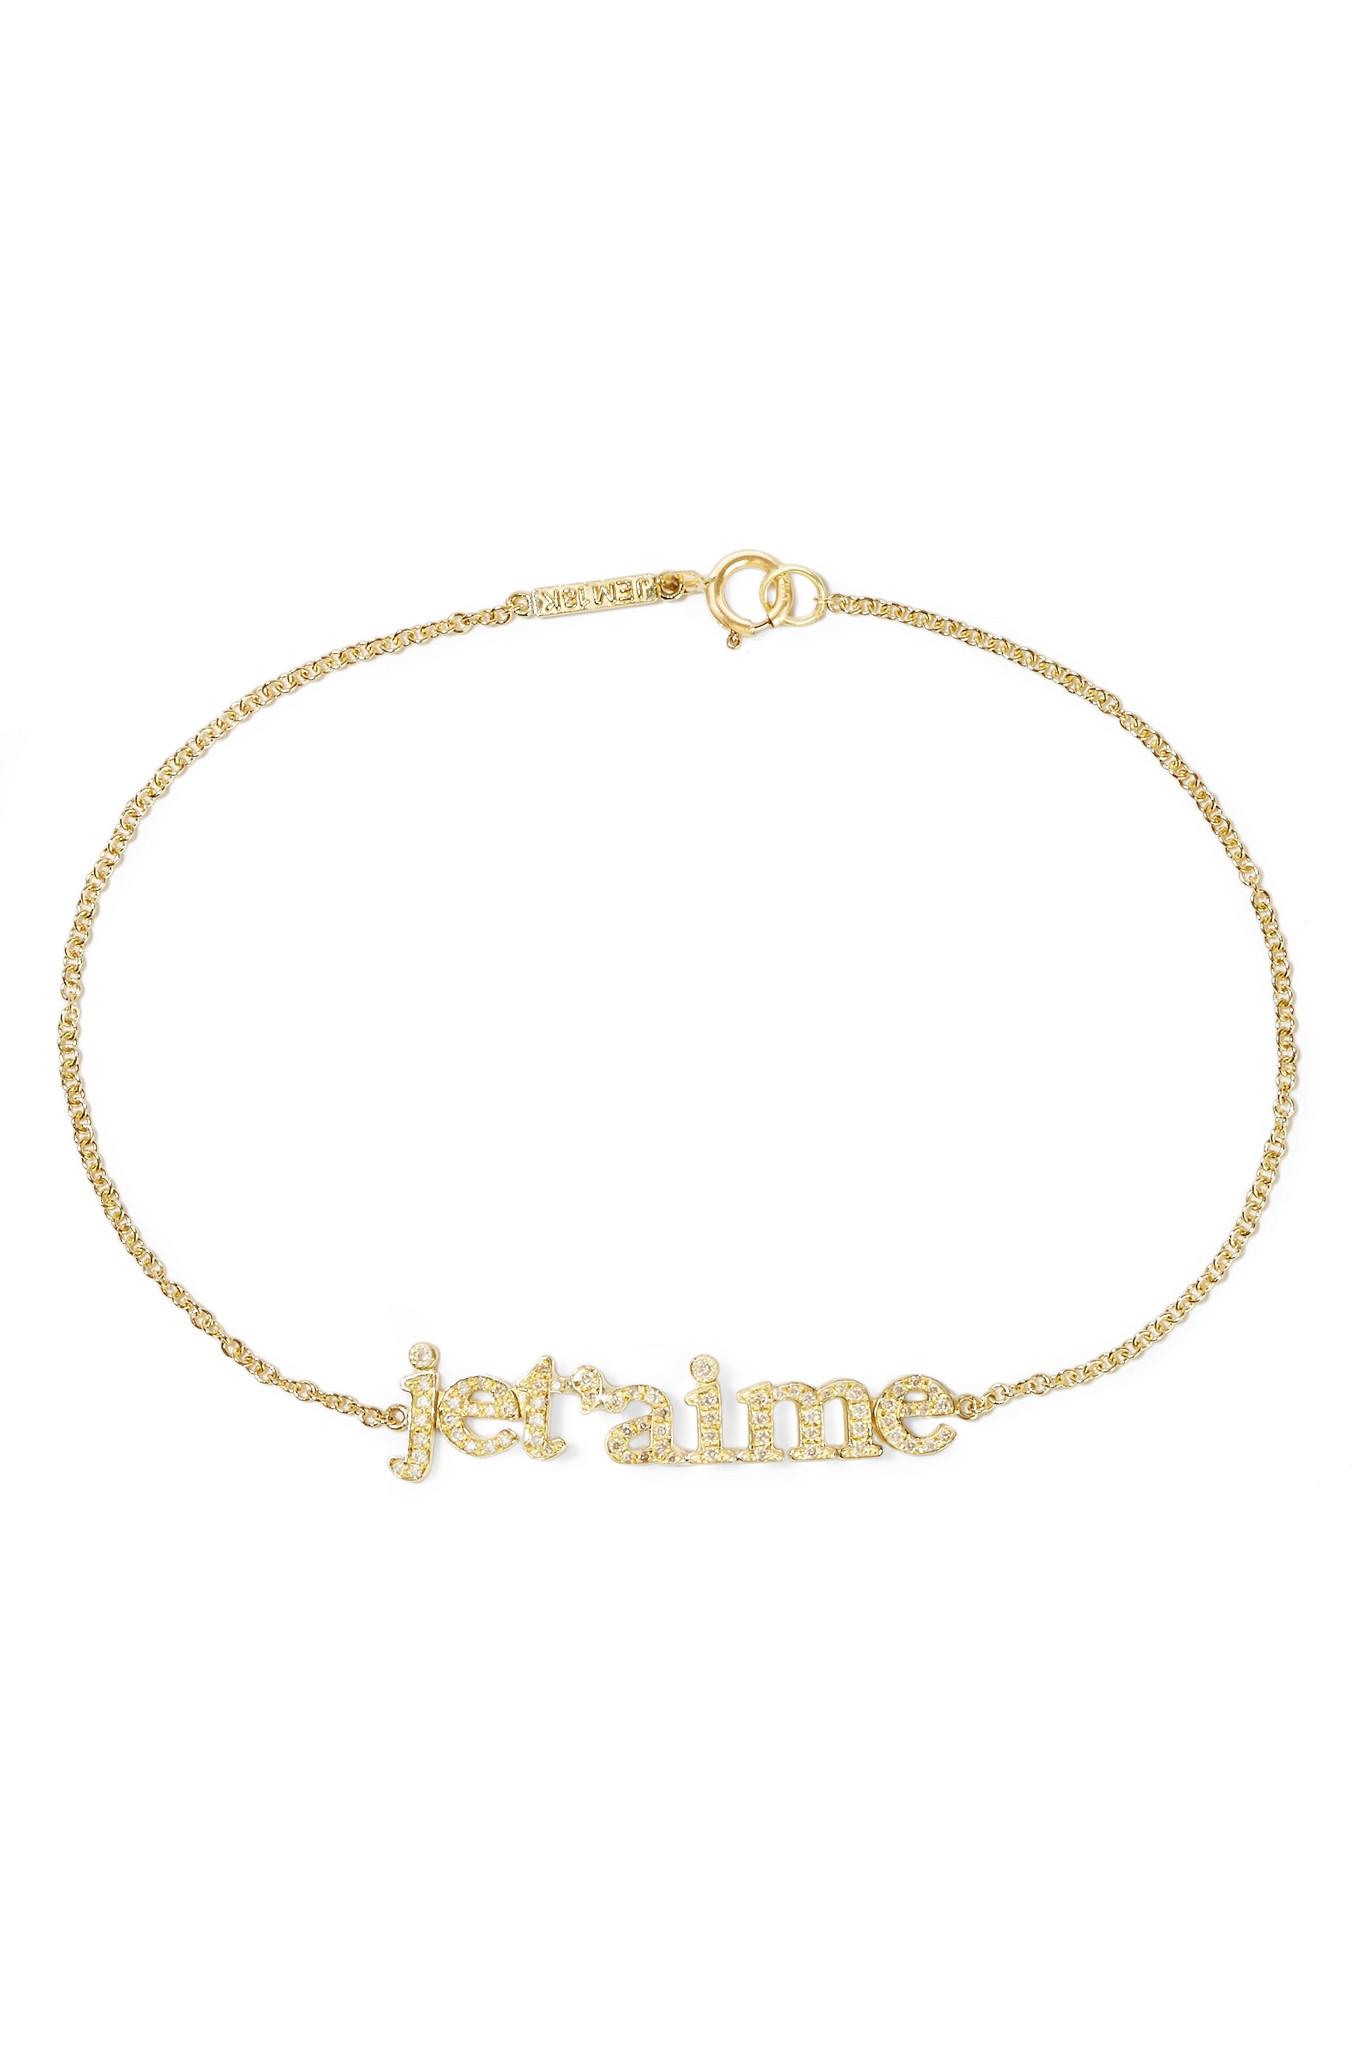 Jennifer Meyer Love 18-karat Gold Bracelet mAict7DX3